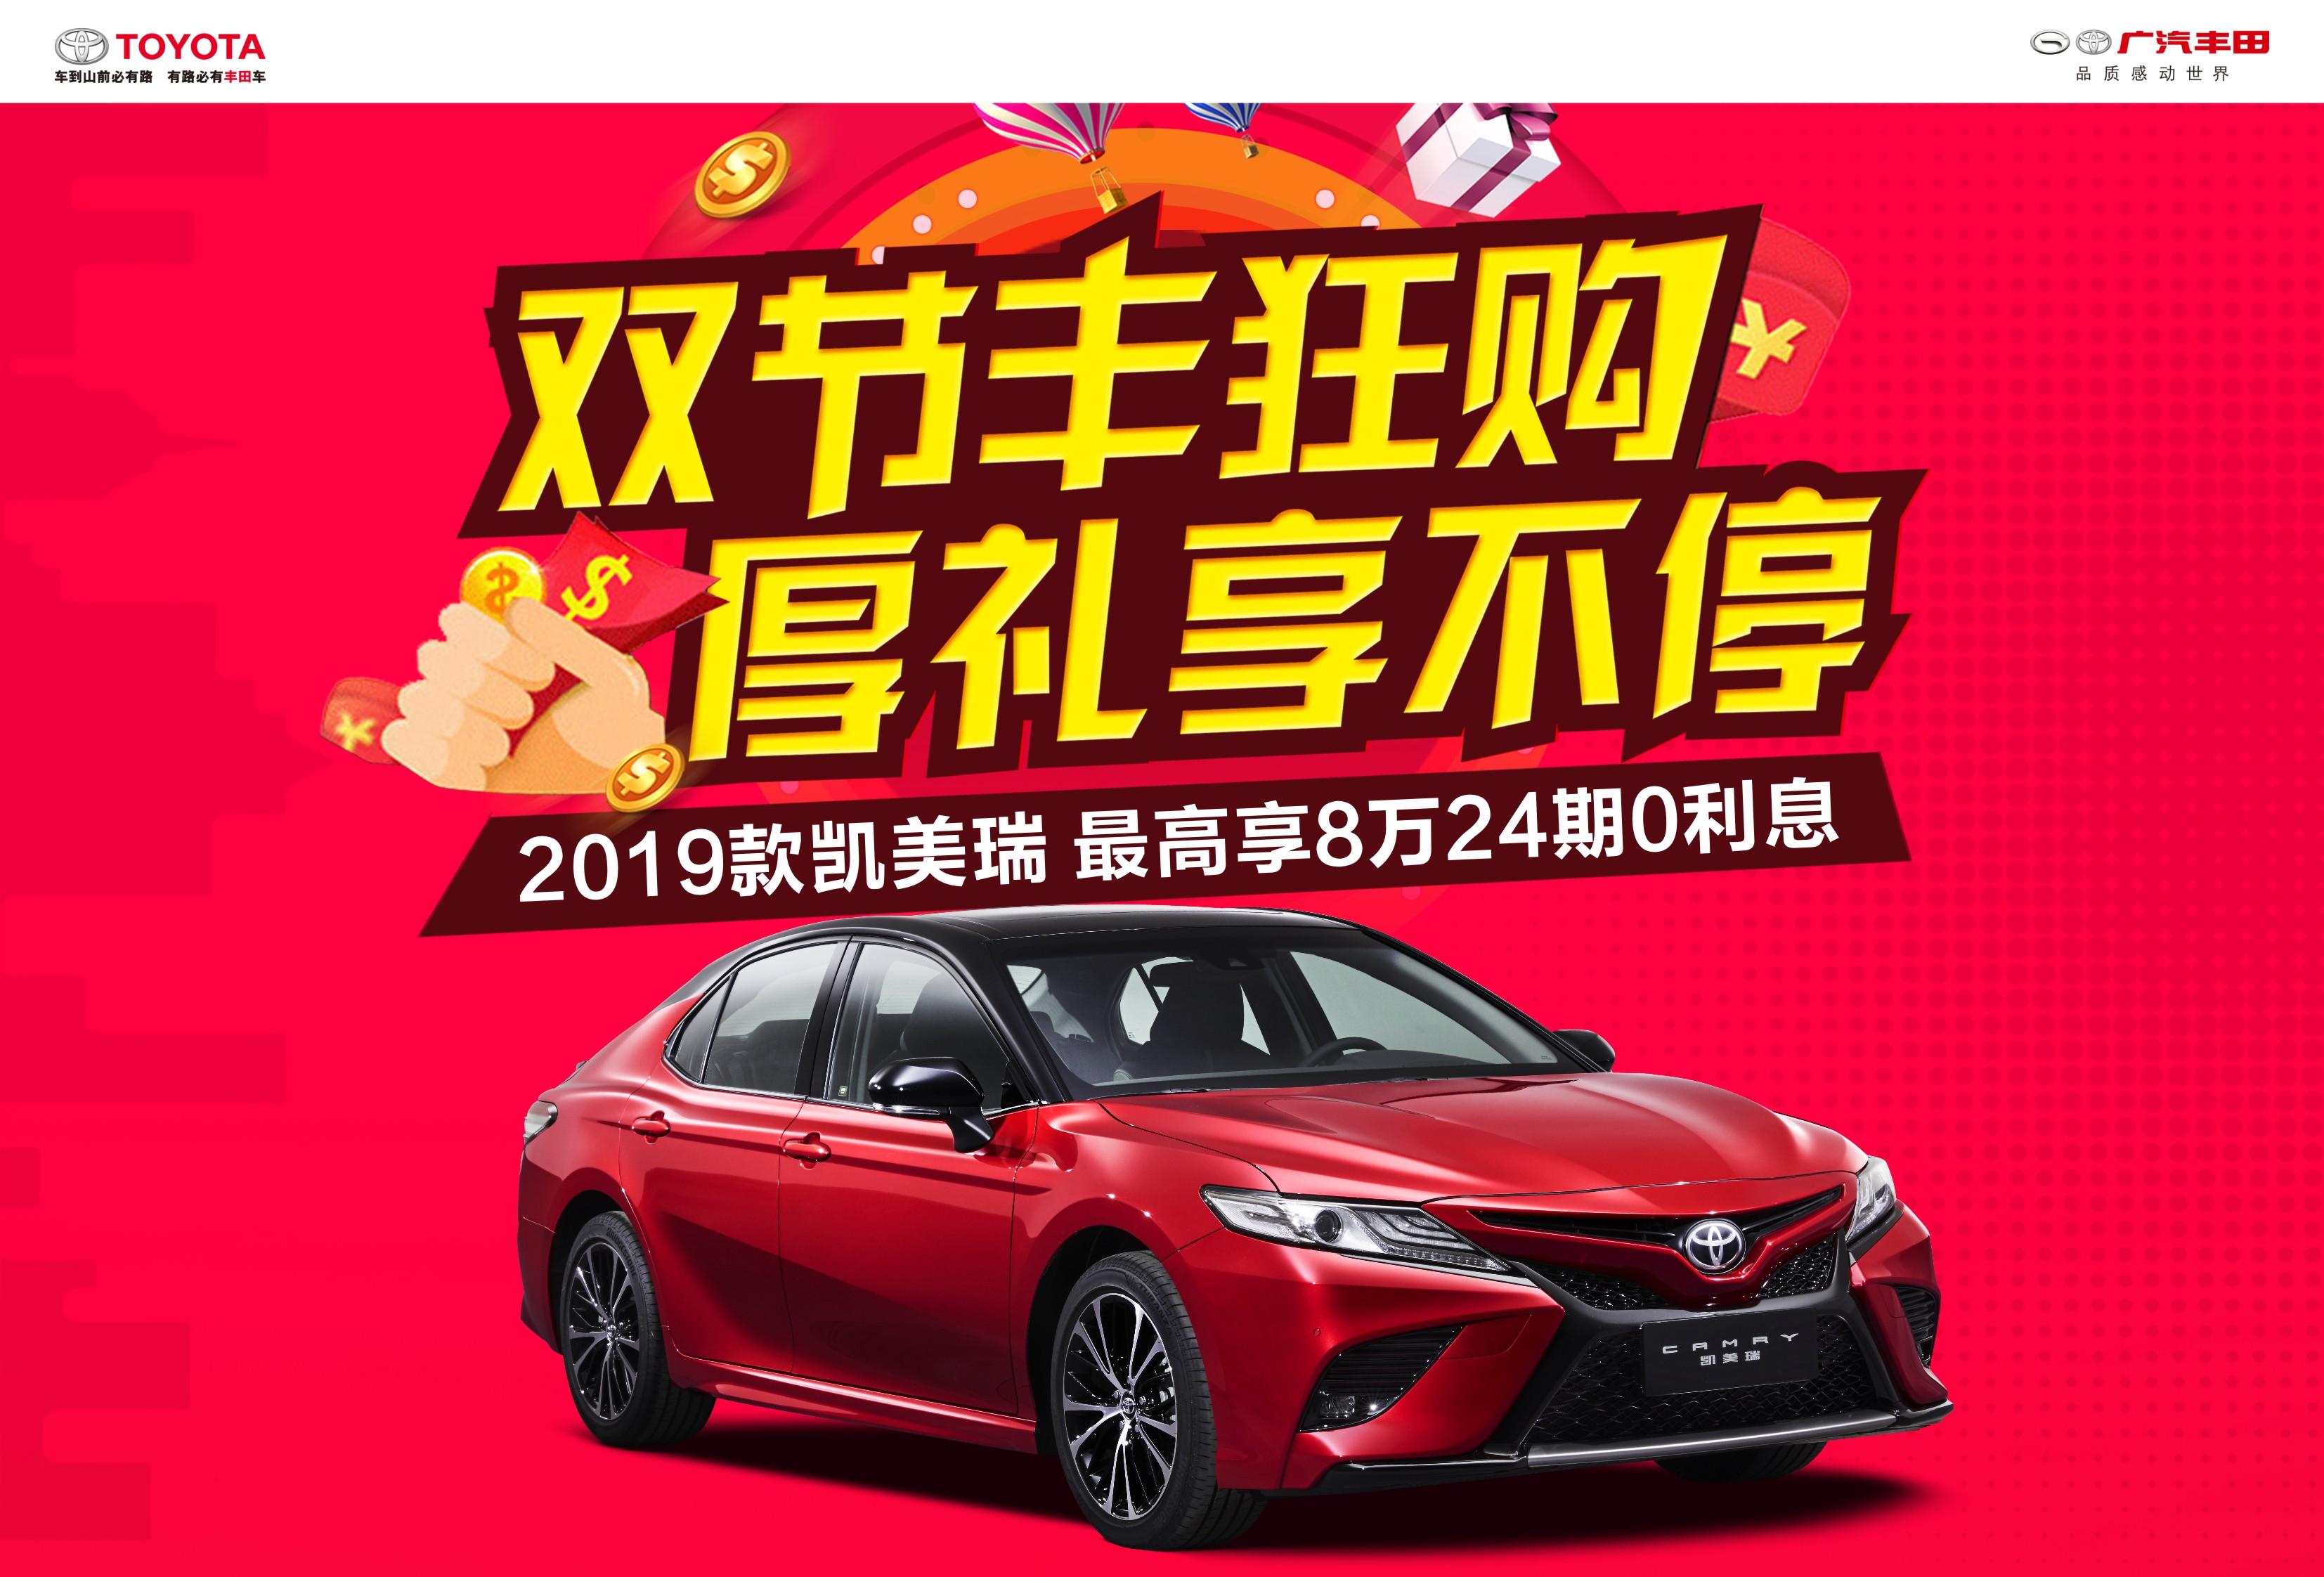 昆山东城大道广丰店凯美瑞最高享8万24期0利息